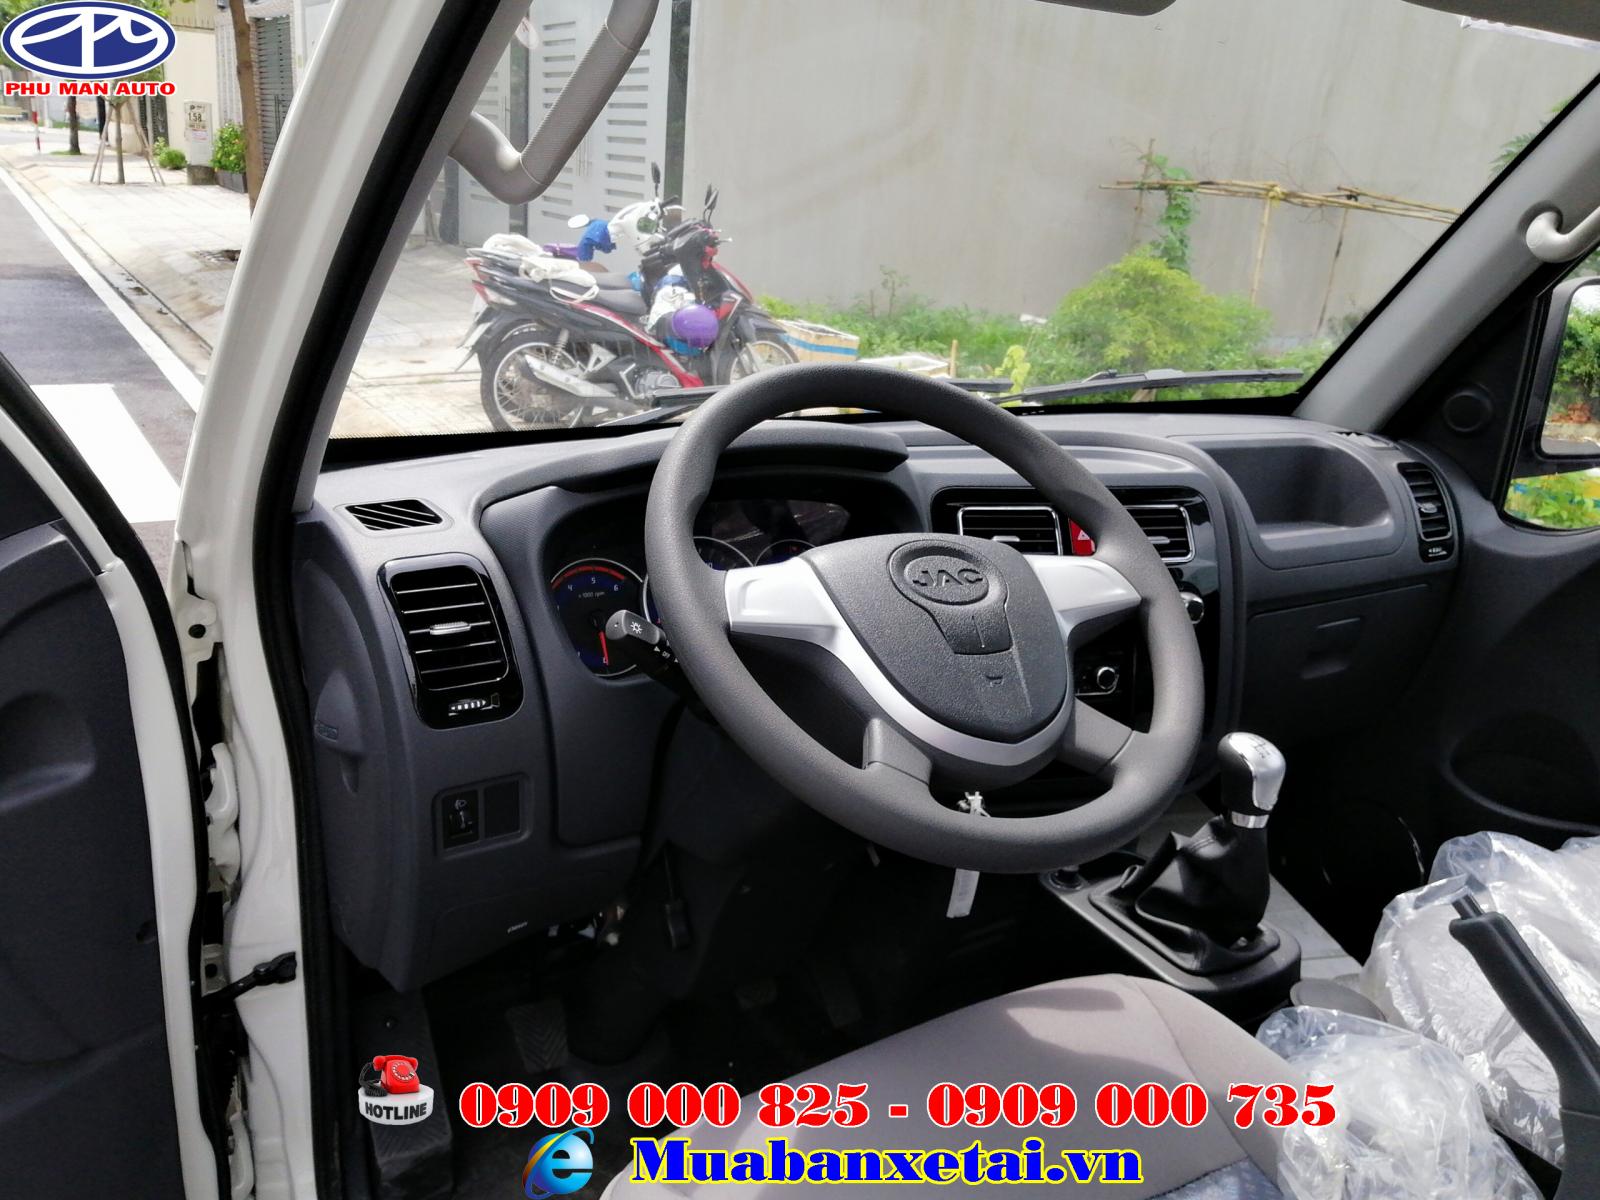 Xe tải Jac X5 mang một nội thất khá sang trọng theo kiểu xe du lịch